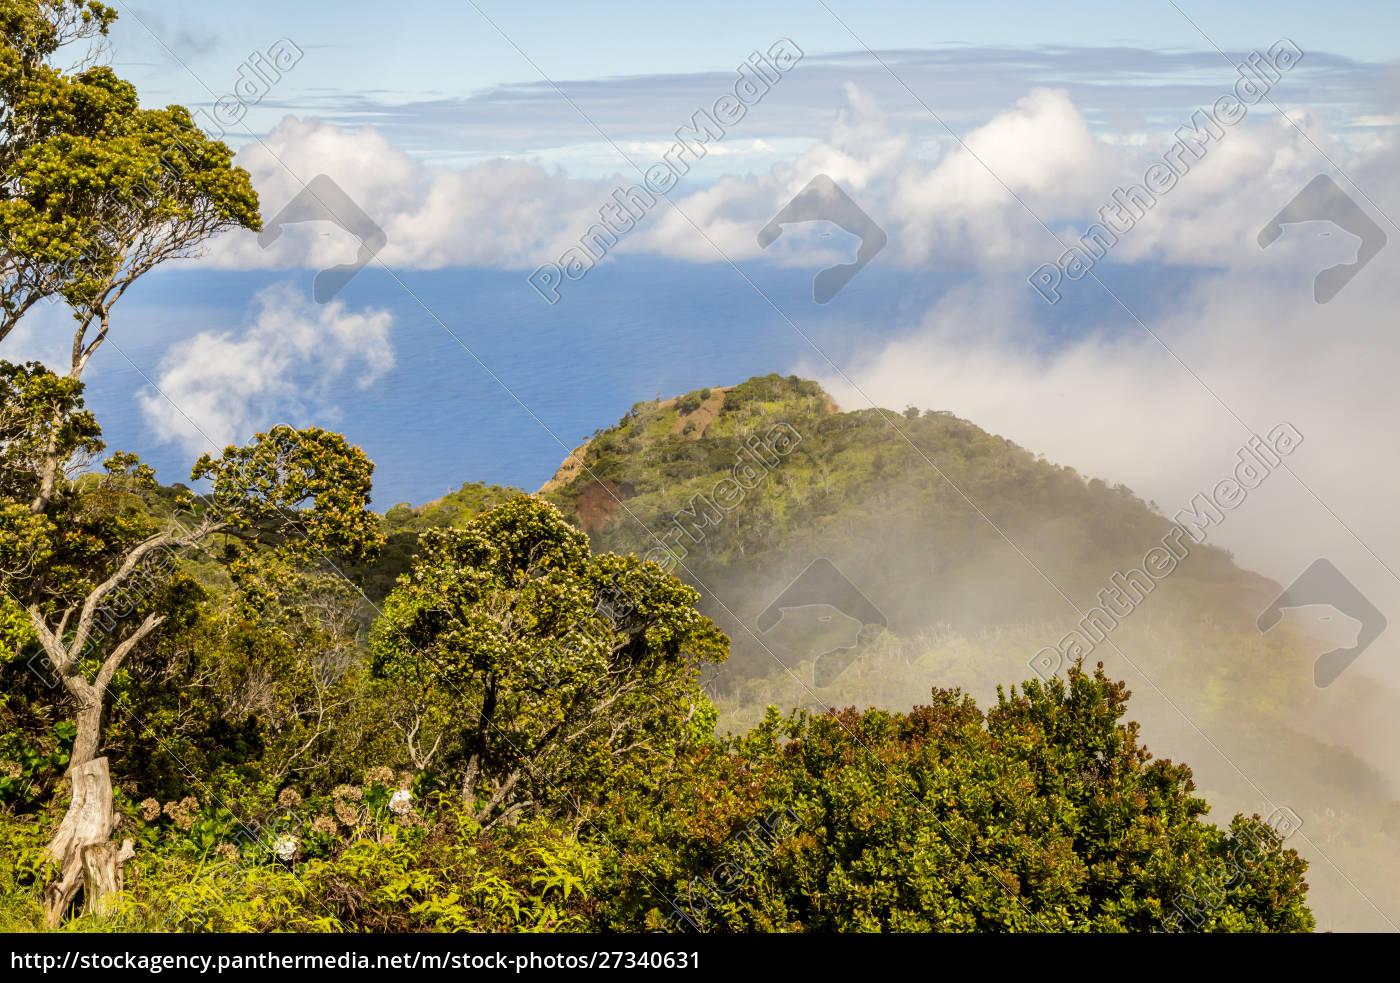 usa, , hawaii, , kauai., overview, of, koke'e - 27340631